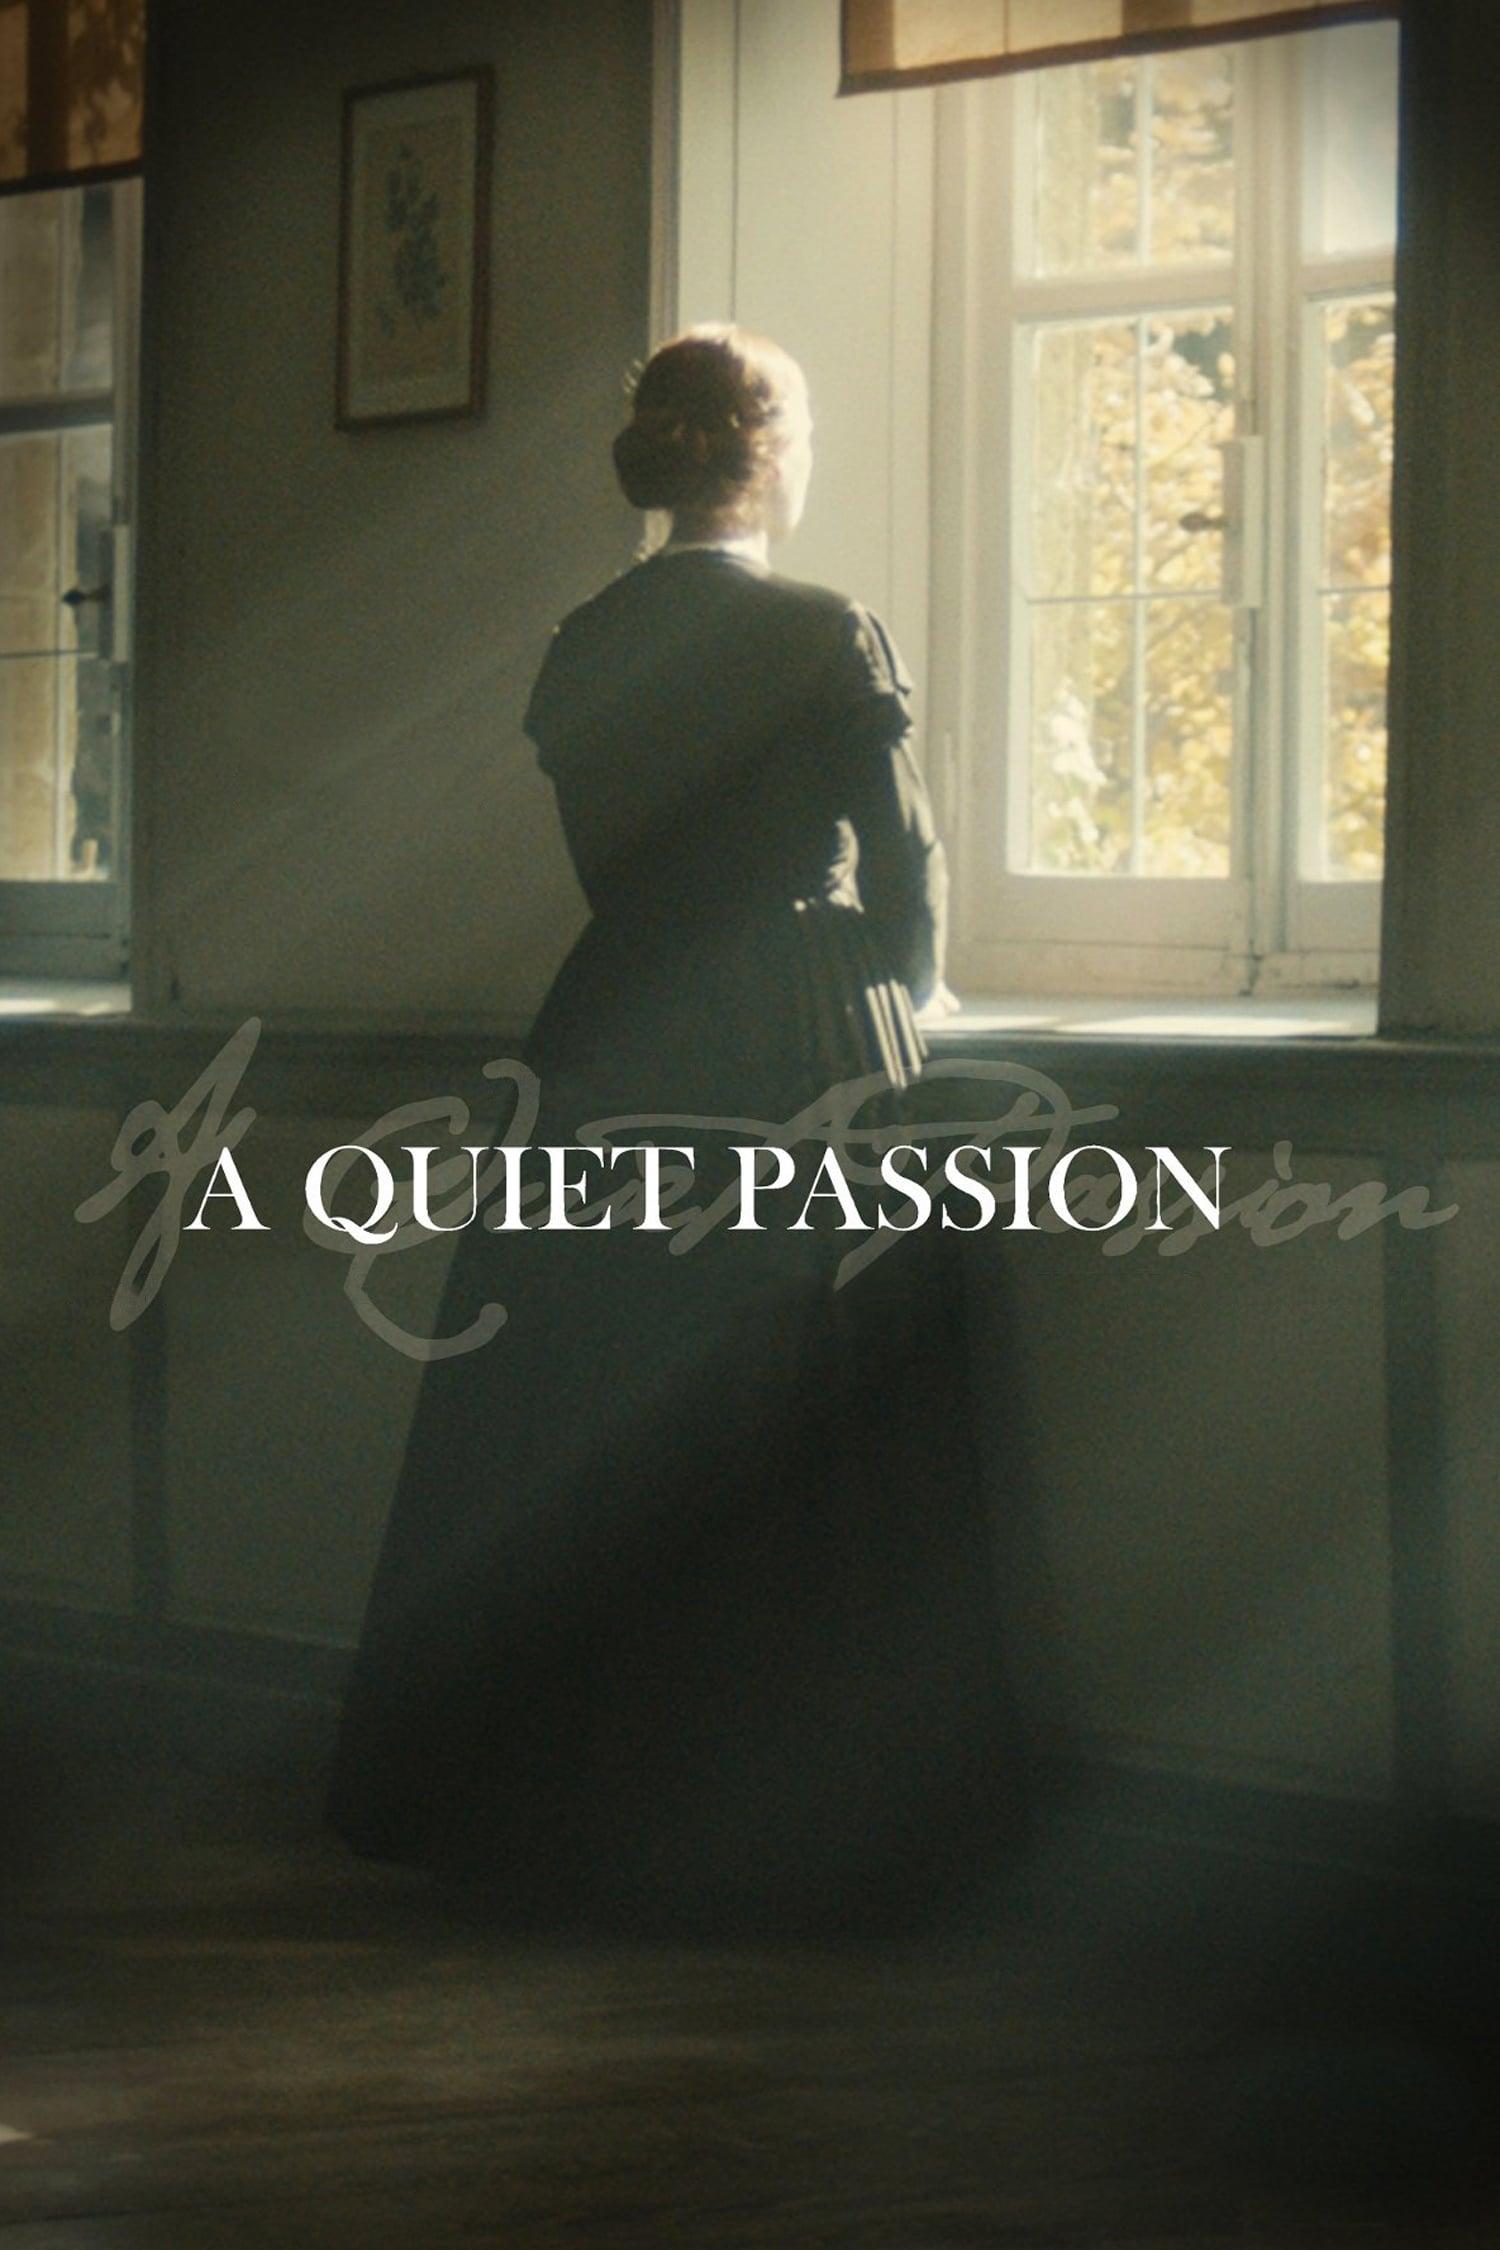 A Quiet Passion (2017)